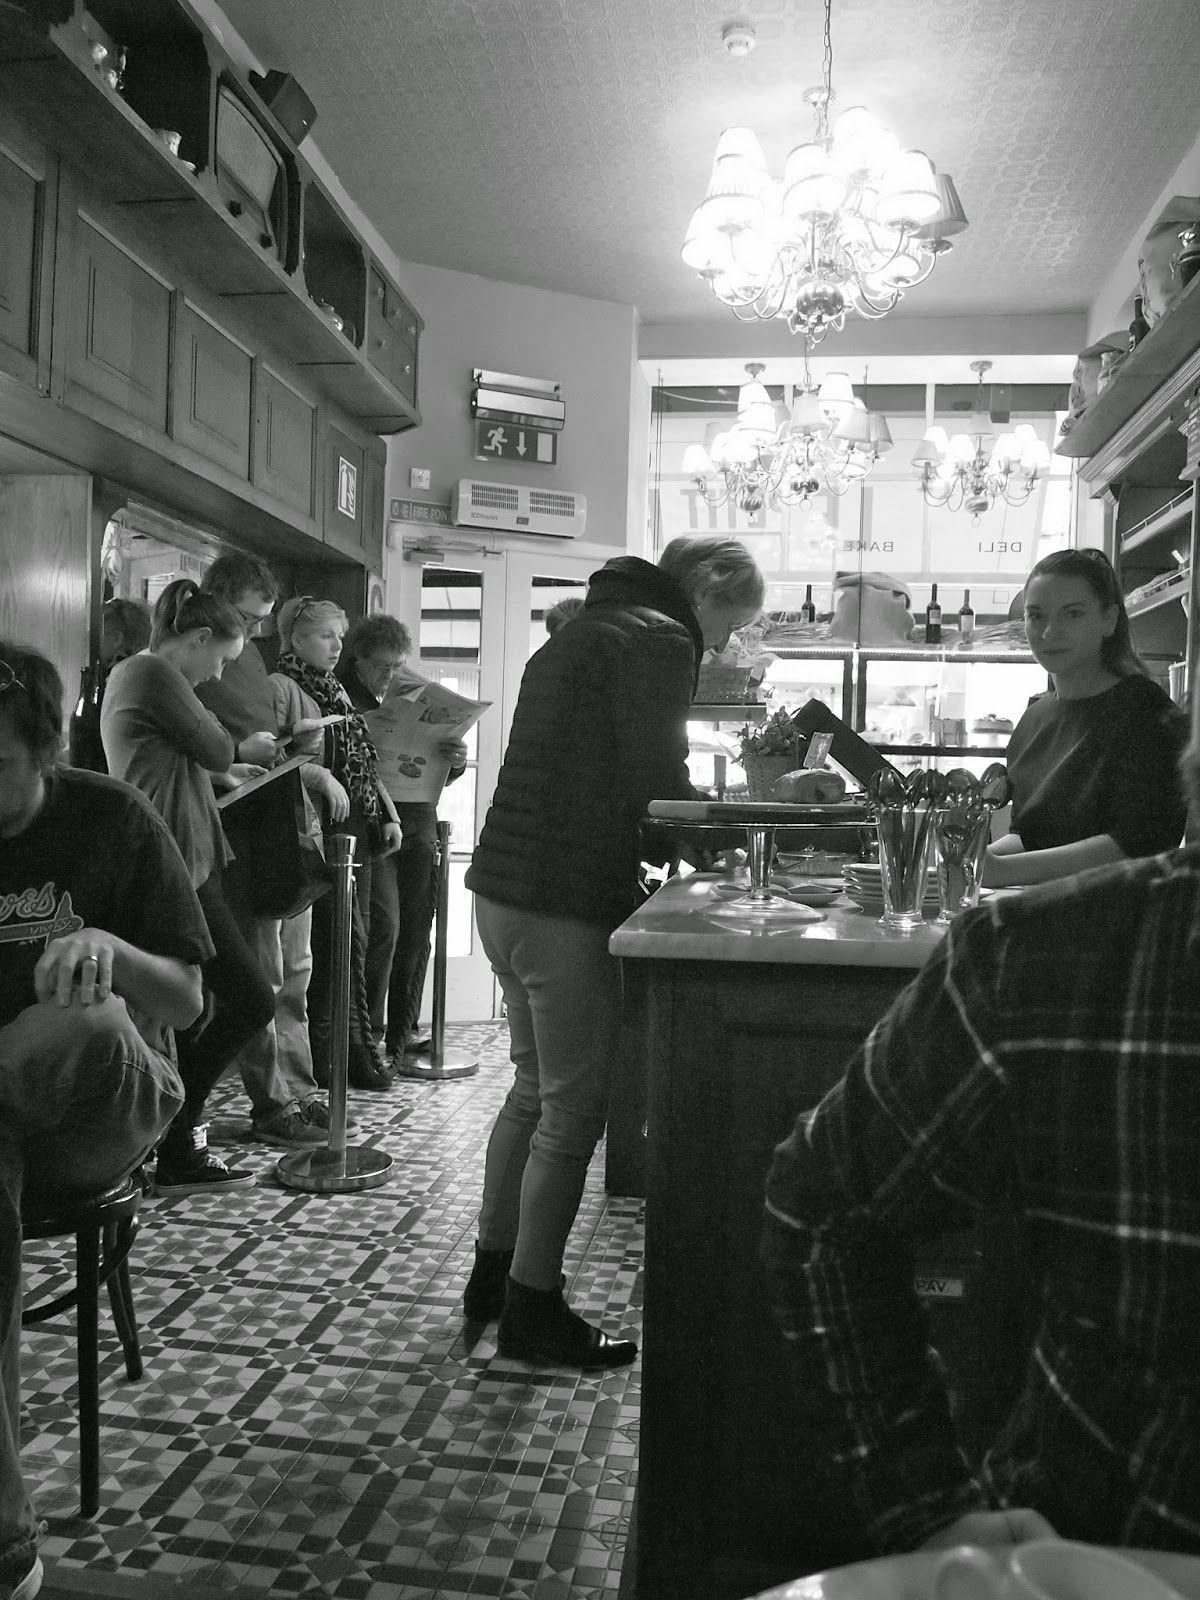 Ladybirds Nest - Paris - Parisienne - Dublin - french - cafe